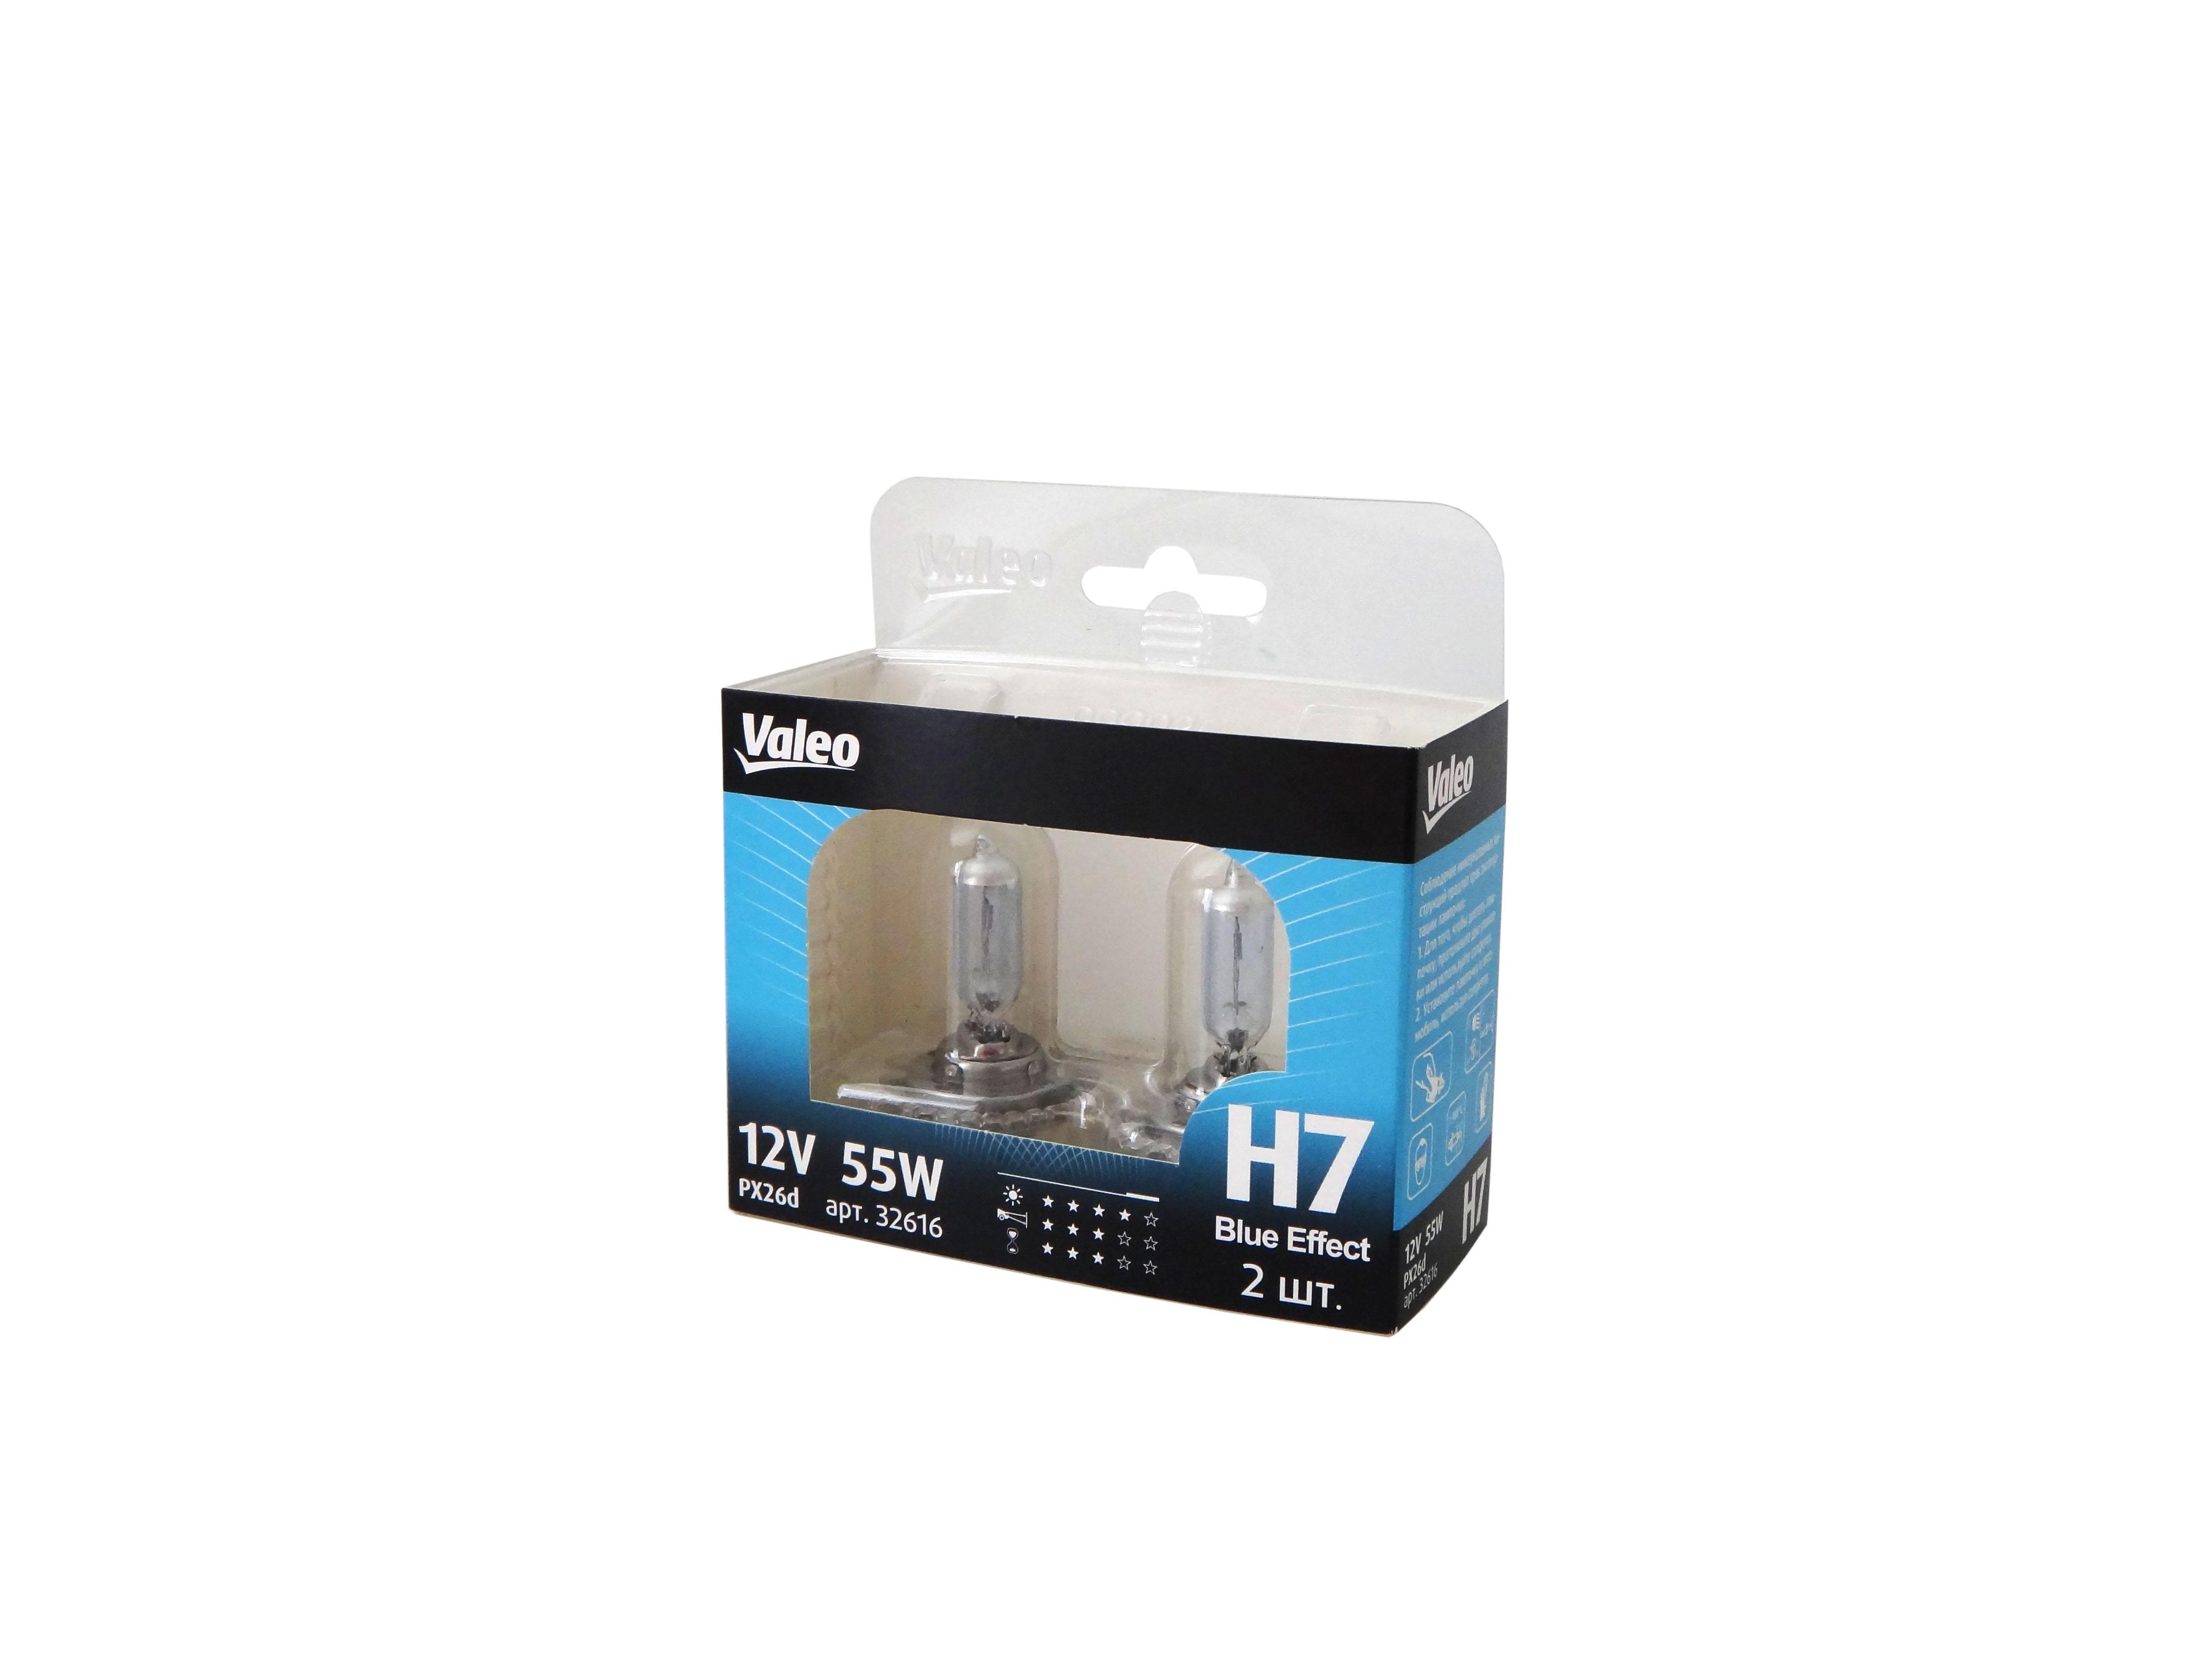 Комплект ламп Valeo Н7 Blue Effect (12V 55W PX26d)